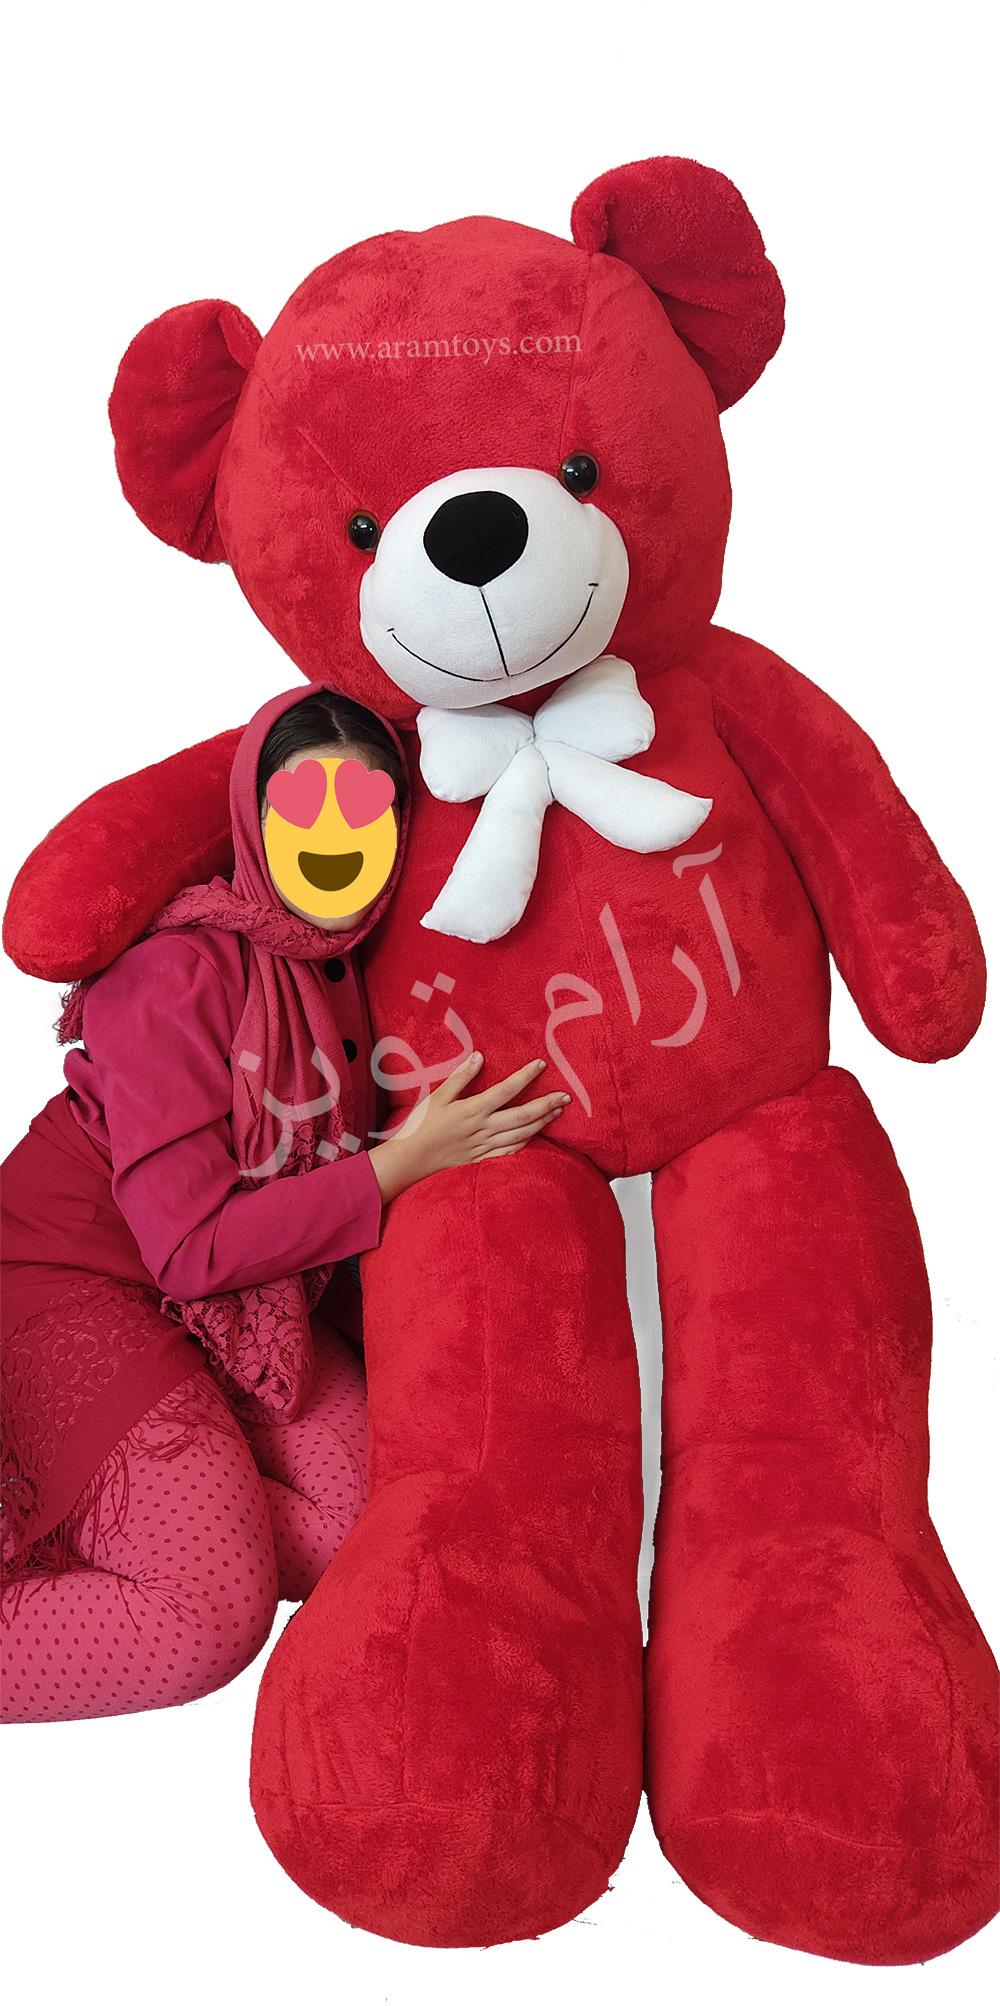 خرس عروسکی ۲ متری قرمز رنگ